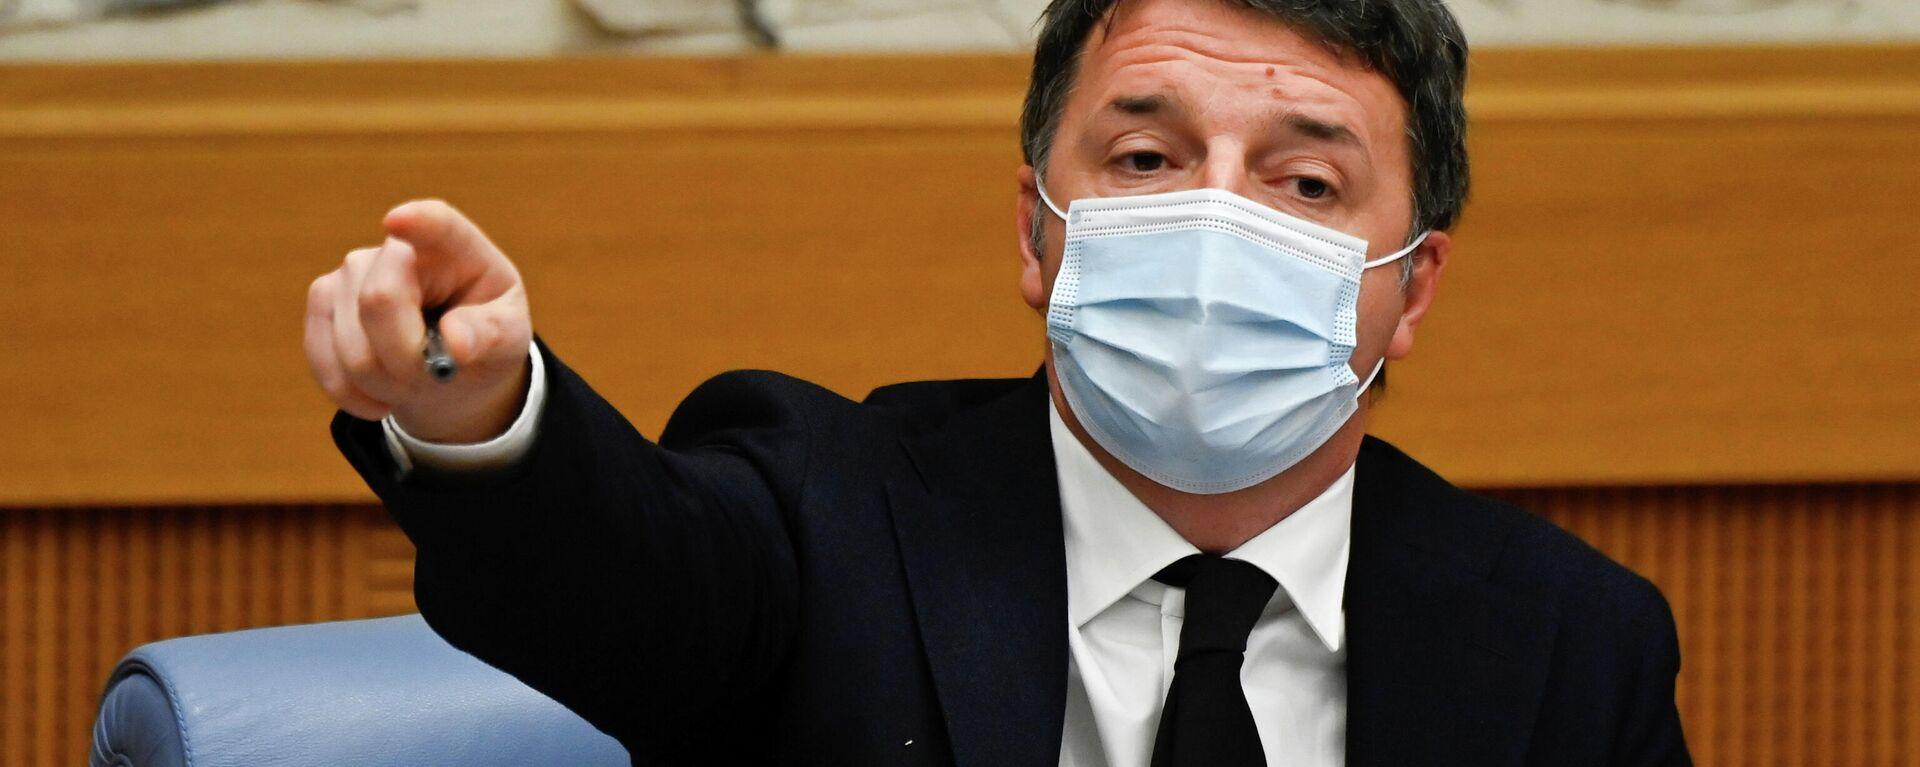 Der Chef der in Italien mitregierenden Partei Italia Viva, Matteo Renzi - SNA, 1920, 13.01.2021